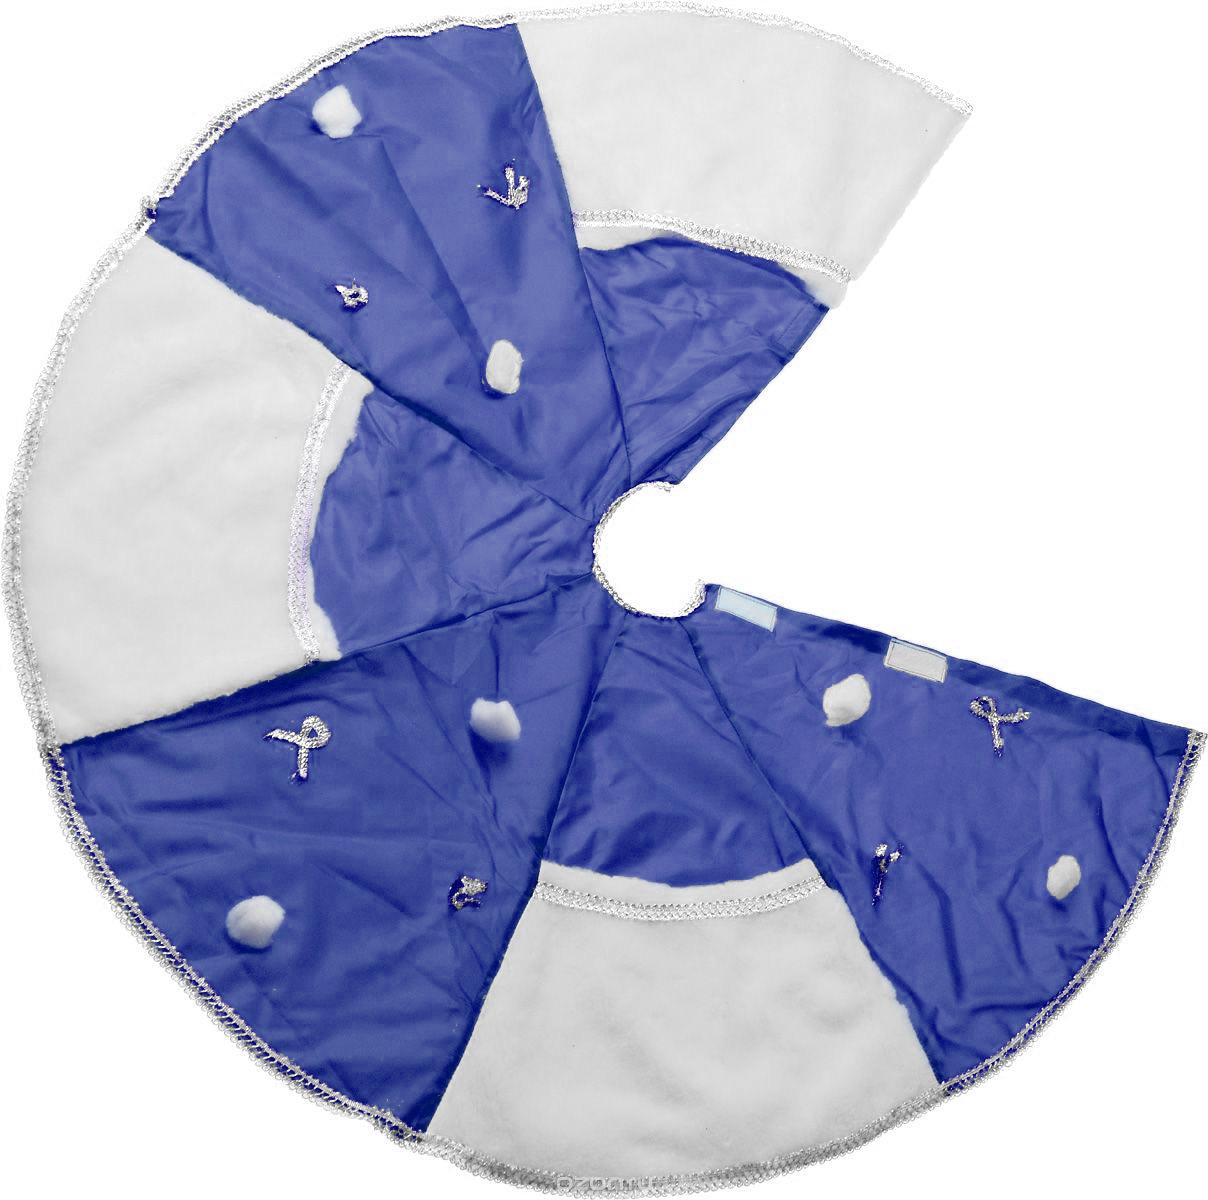 Покрывало под елку Eva, цвет: белый, синий, диаметр 95 см. А09А09Покрывало Eva, изготовленное из полиэстера и полипропилена, позволит оригинально украсить основание елки, собрать осыпающиеся елочные иголки и, благодаря большим кармашкам, великолепно укроет новогодние подарки. Покрывало фиксируется при помощи липучек. Диаметр покрывала: 95 см.